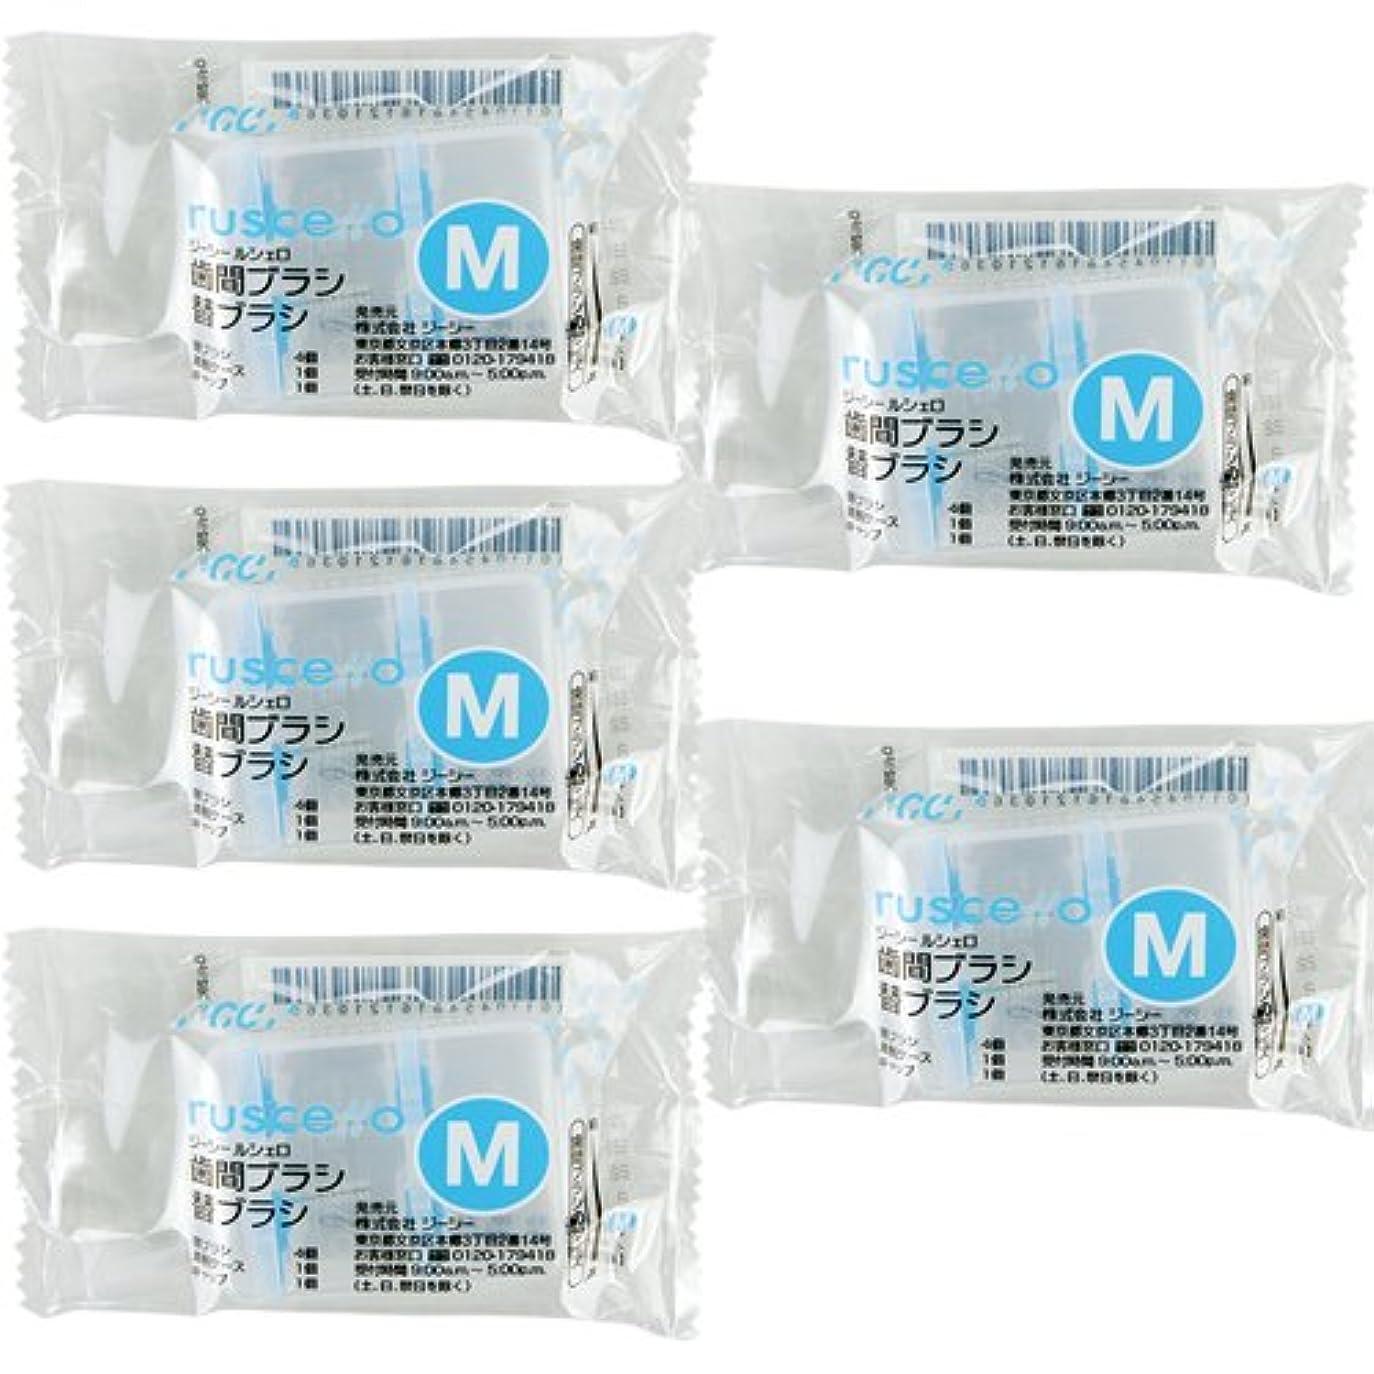 市町村公平な前投薬GC ジーシー ルシェロ歯間ブラシ 替えブラシ(4個入) × 5個セット M